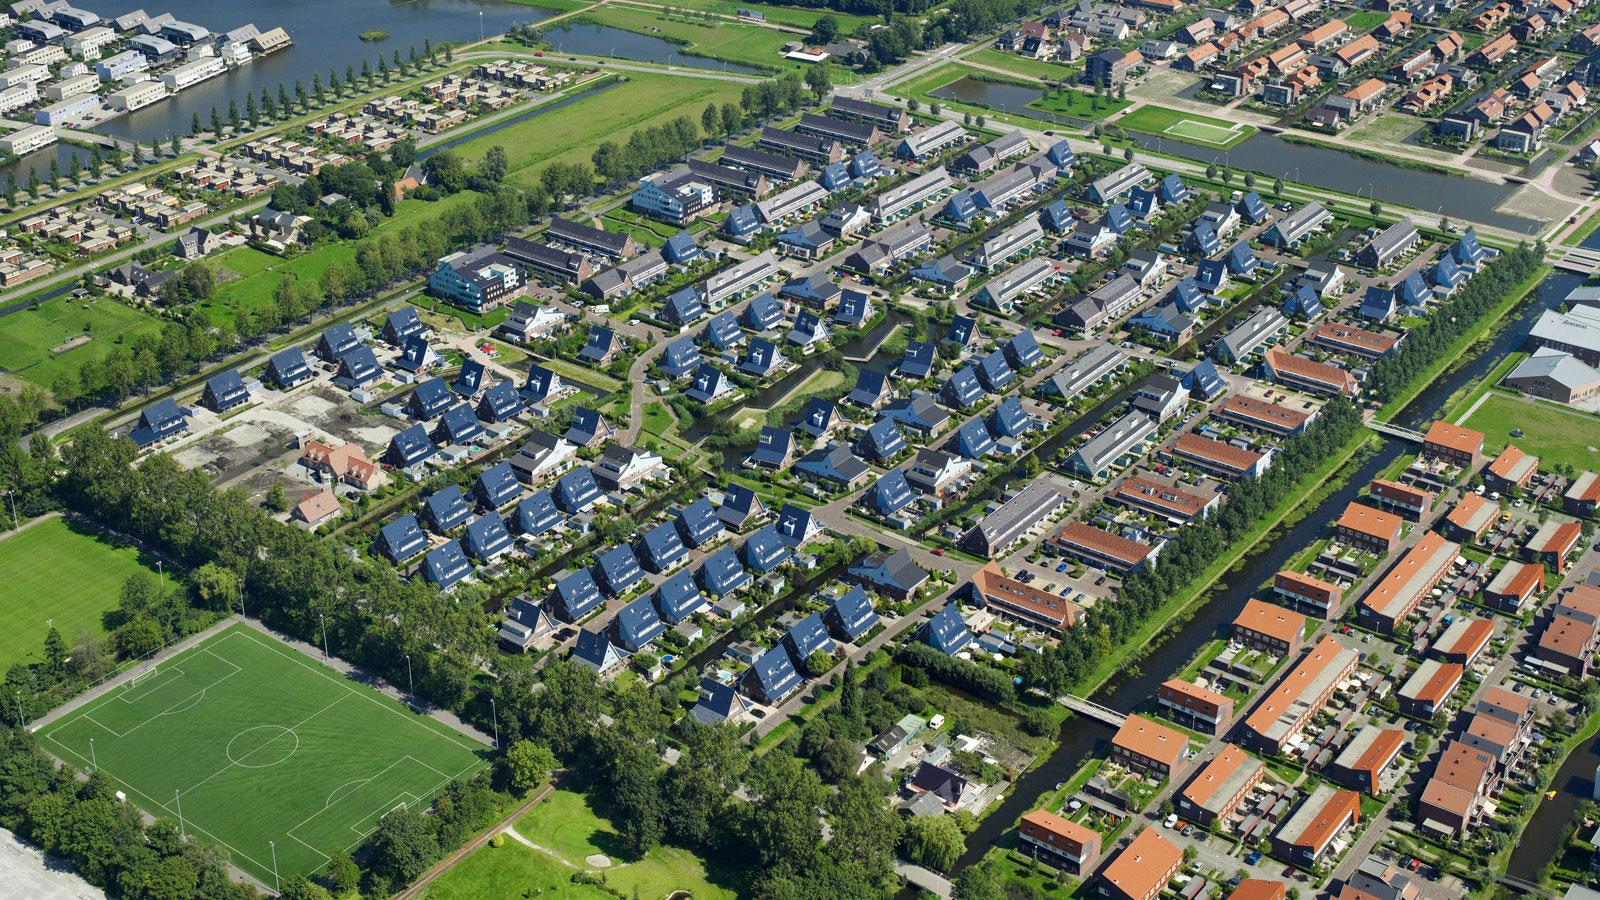 Vinex Ypenburg